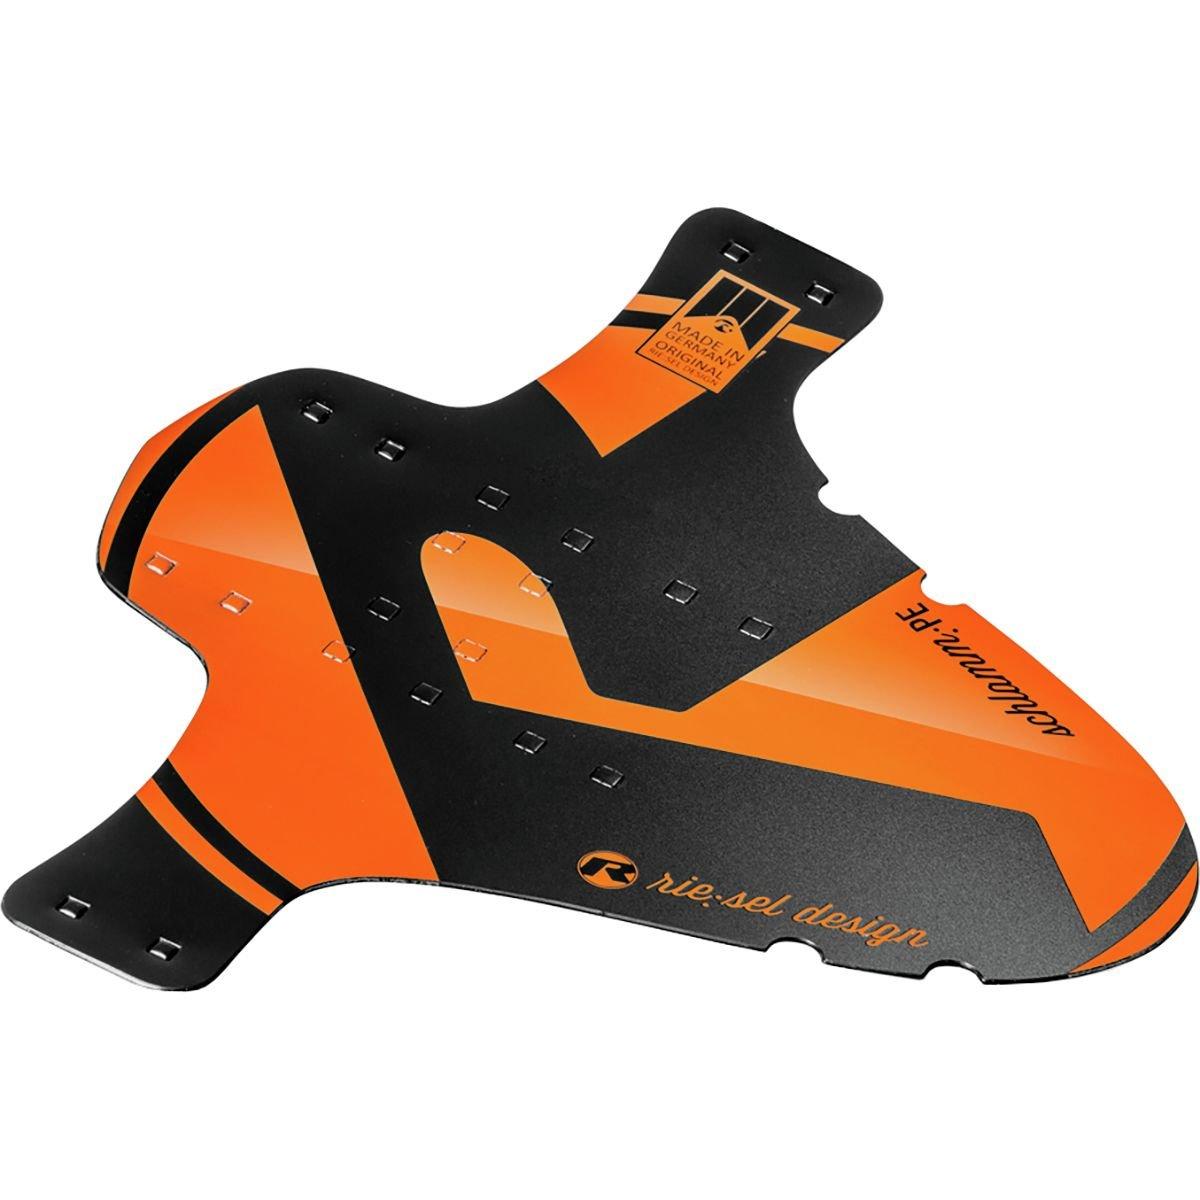 Riesel schlamm PE Enduroスタイルデュアル目的フロント&リアフェンダー – オレンジ   B01LYW37Z8